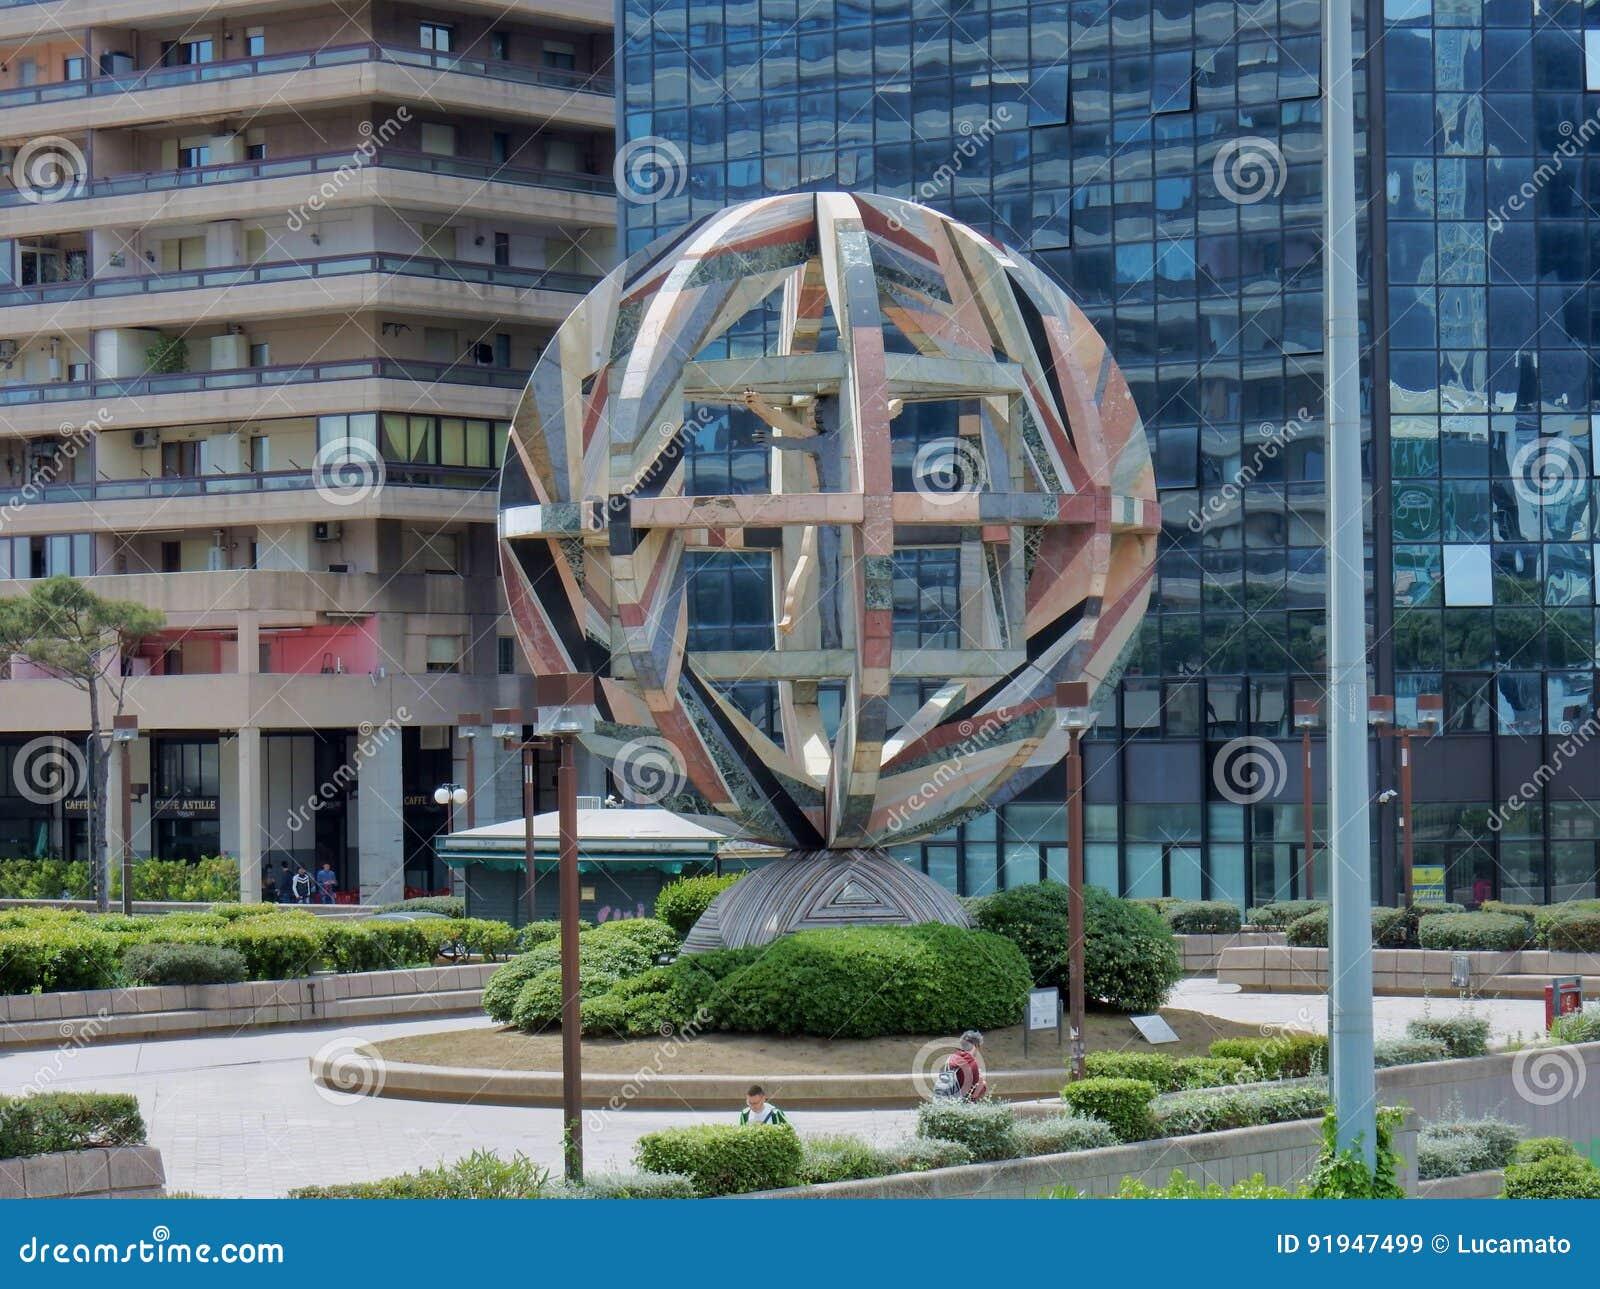 Naples - Sculpture at the Management Center